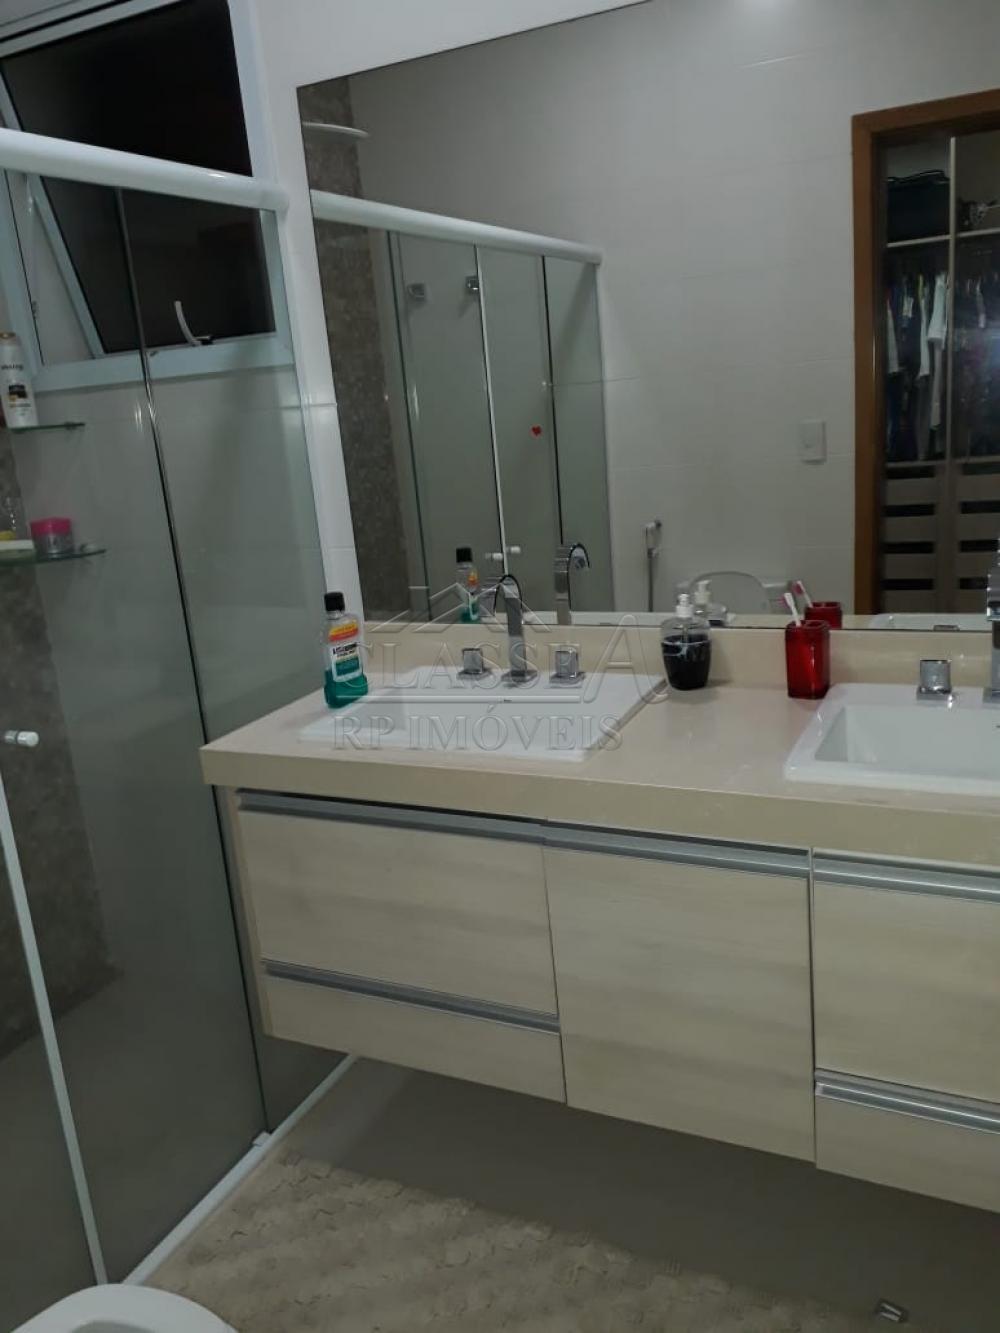 Comprar Casa / Condomínio - térrea em Ribeirão Preto R$ 1.250.000,00 - Foto 10